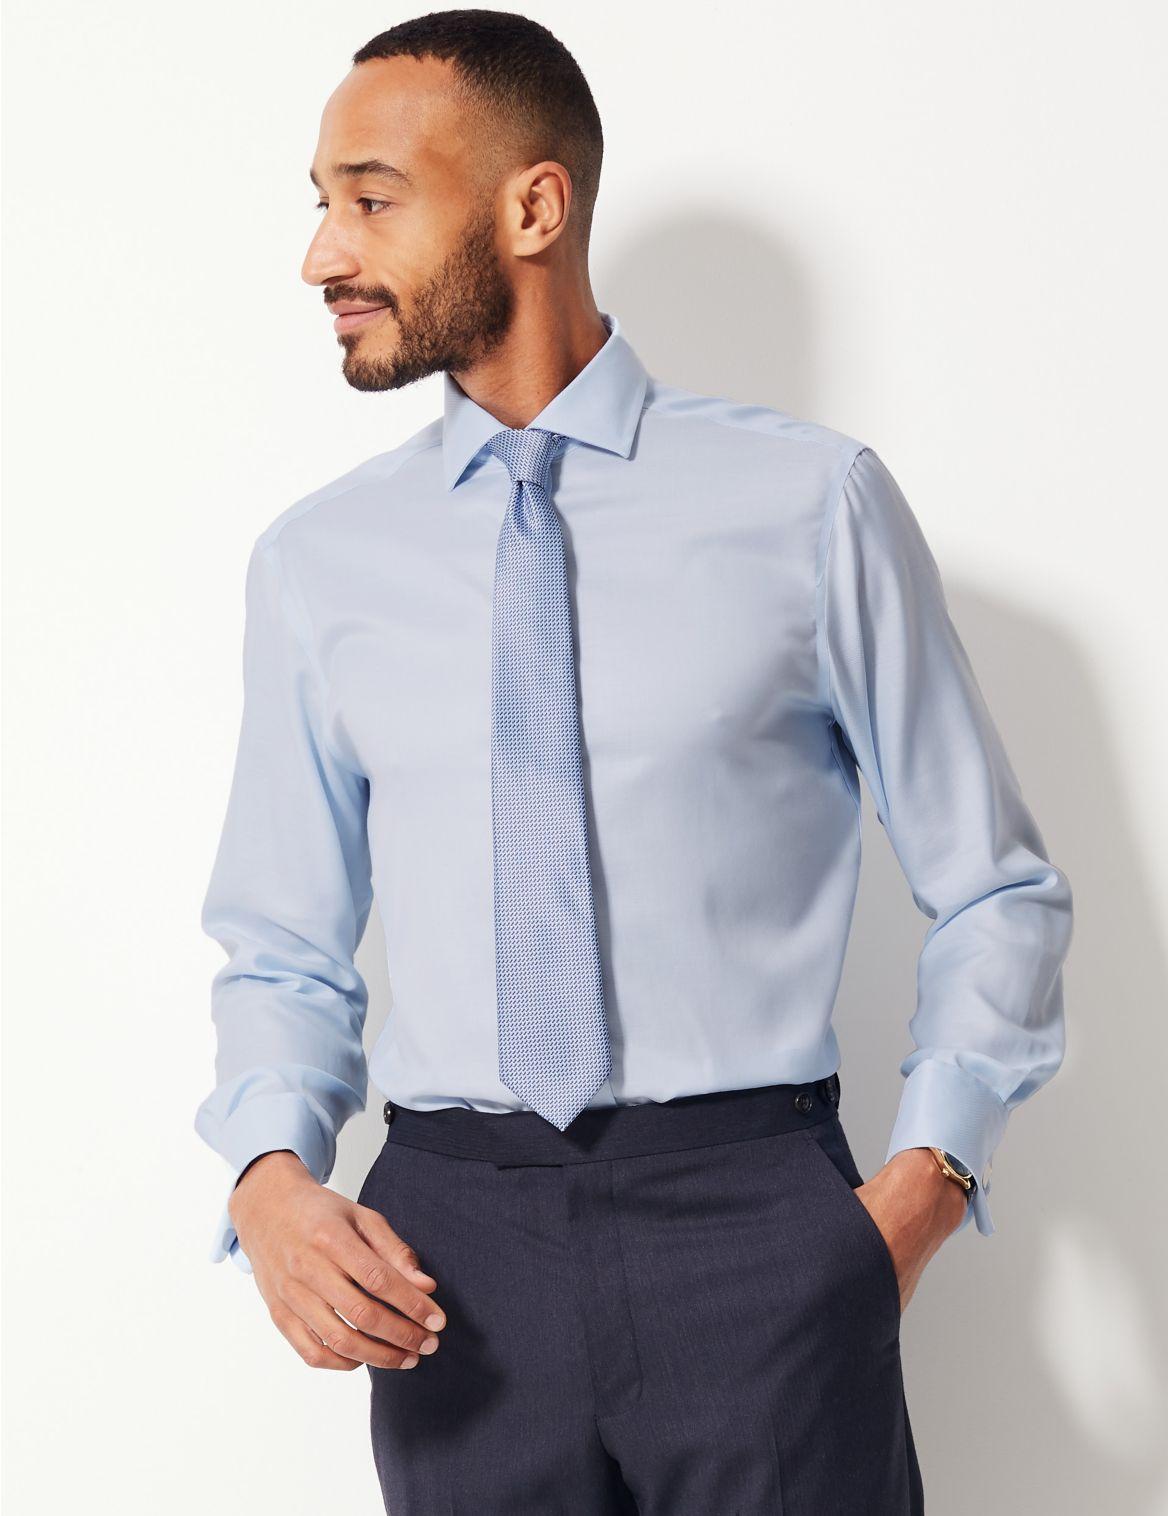 b4b18824a9 Stylabel - Producto  Camisa Ultimate de sarga 100% algodón sin planchado